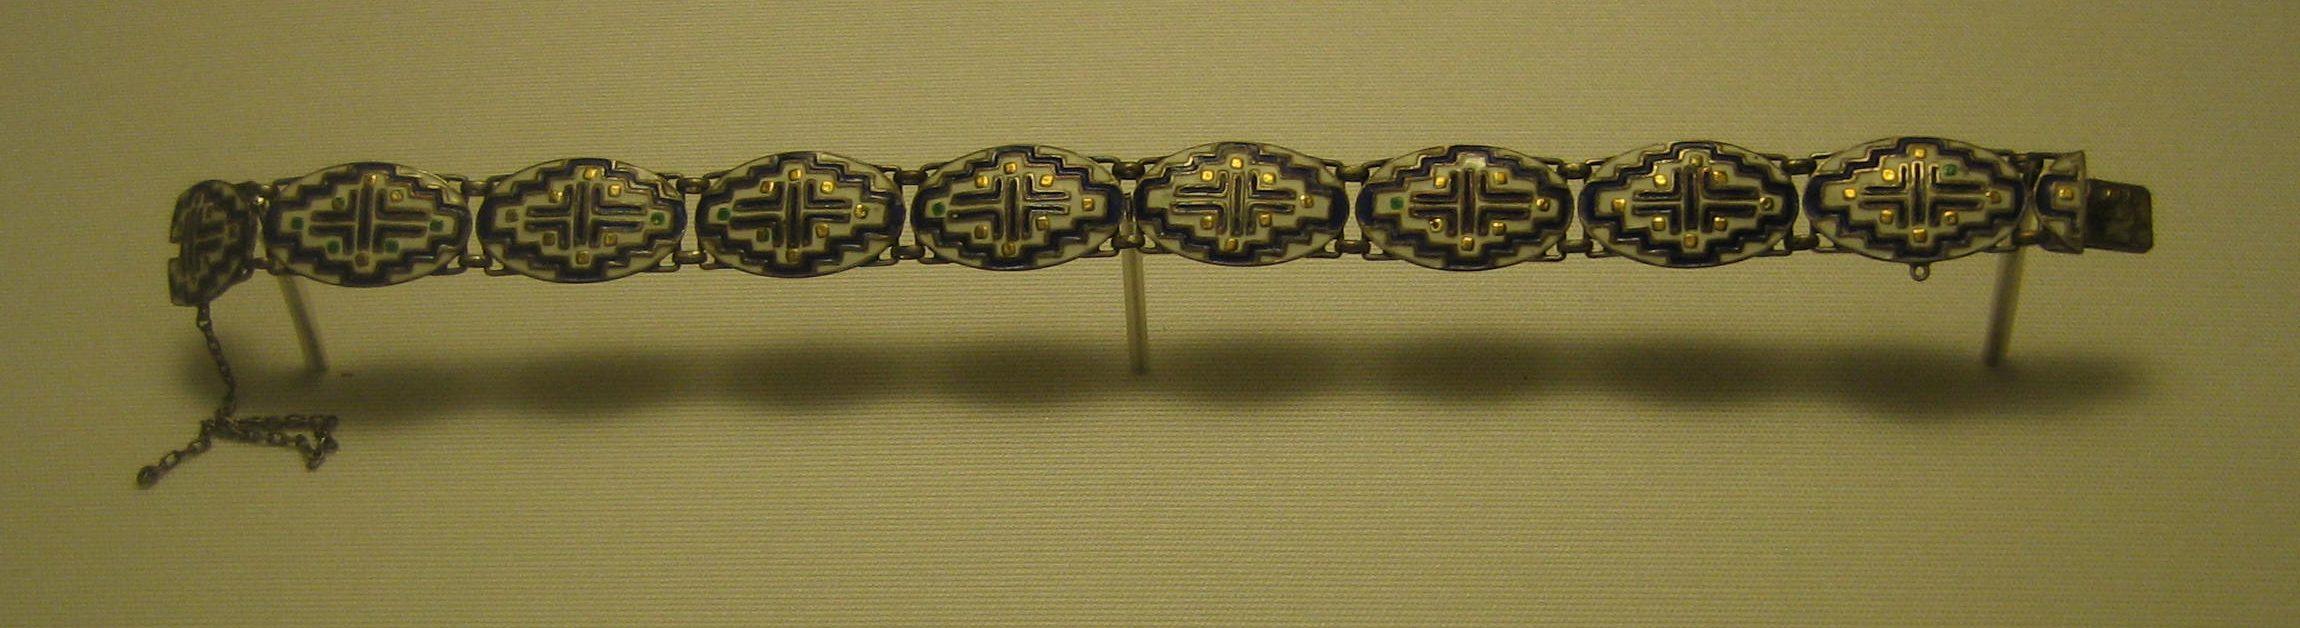 Theodor Fahrner, armband, 1910-1913. Collectie Schmuckmuseum Pforzheim. Foto Esther Doornbusch, mei 2019, verguld zilver, email, chrysopraas